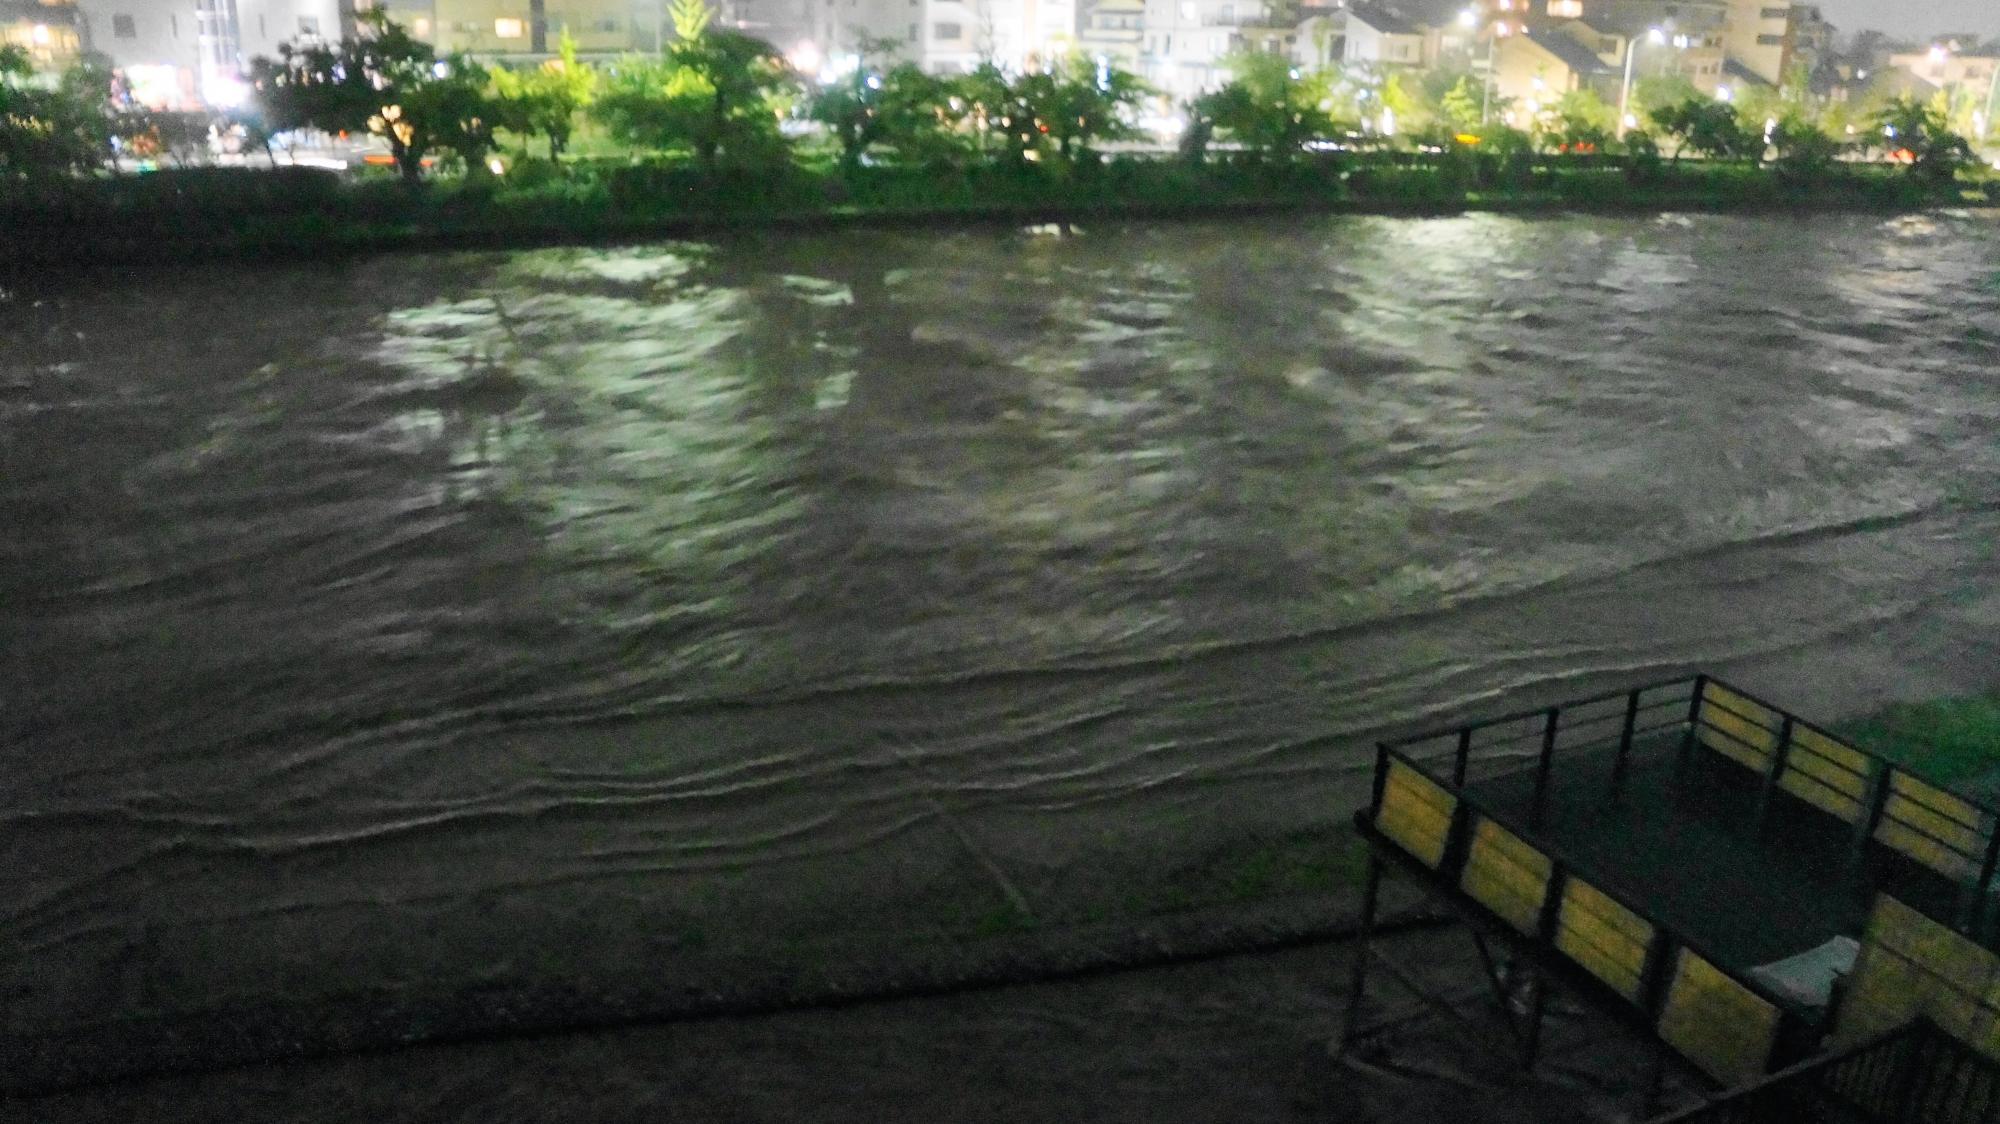 みそそぎ川との境目が無くなってきた2013年の増水した鴨川